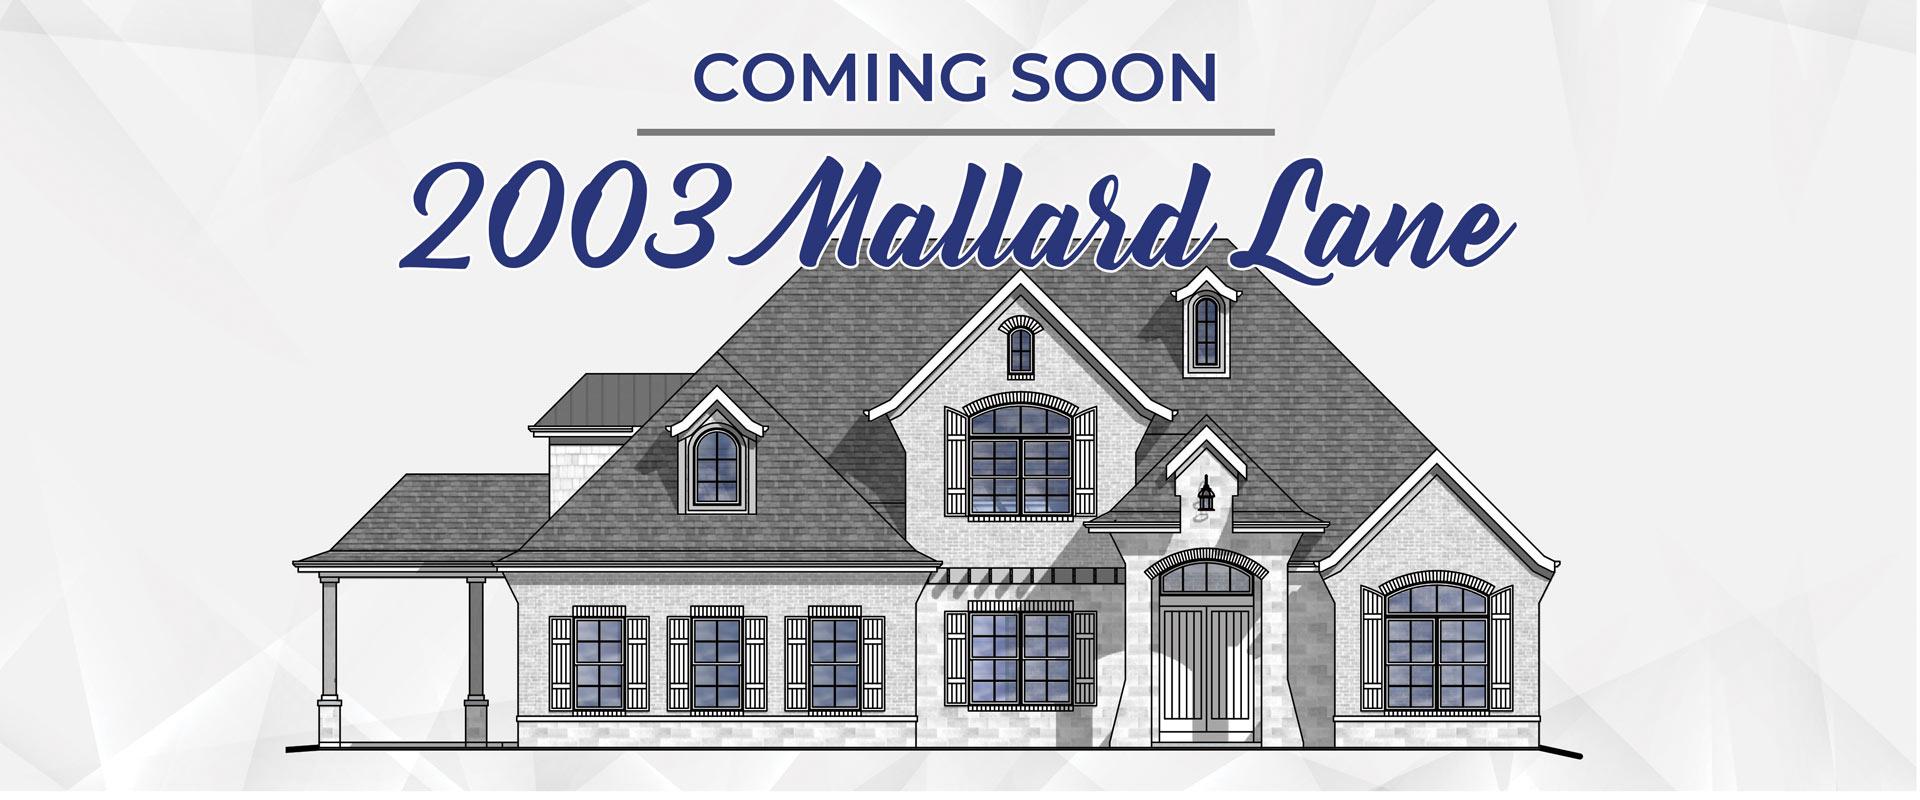 2003 Mallard Lane in Mallard Pond